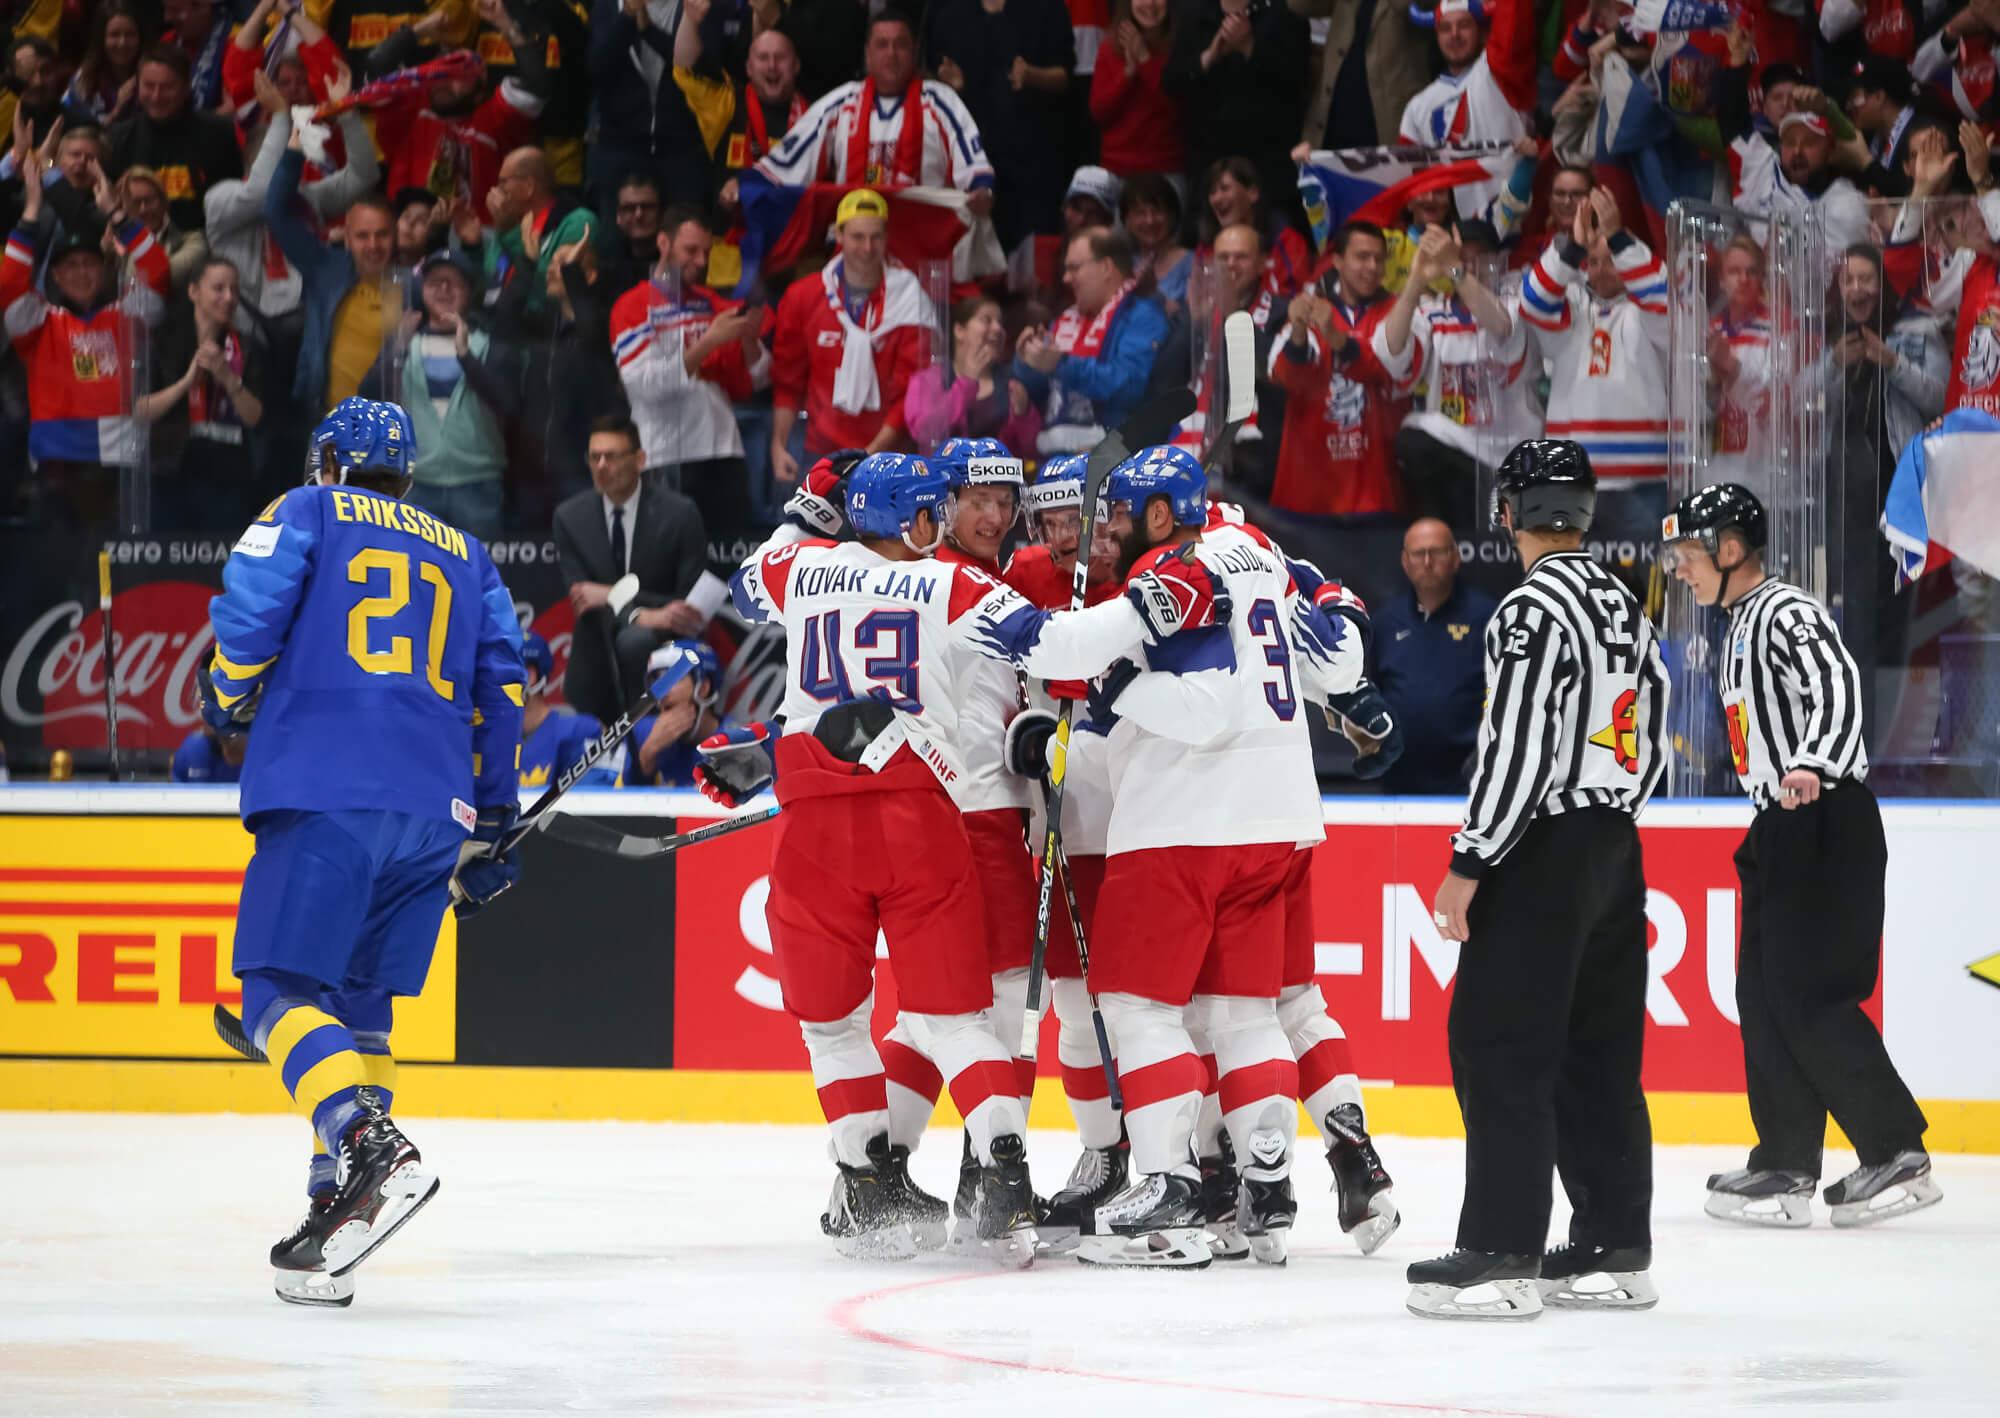 Чехия — Италия 17 мая 2019 год